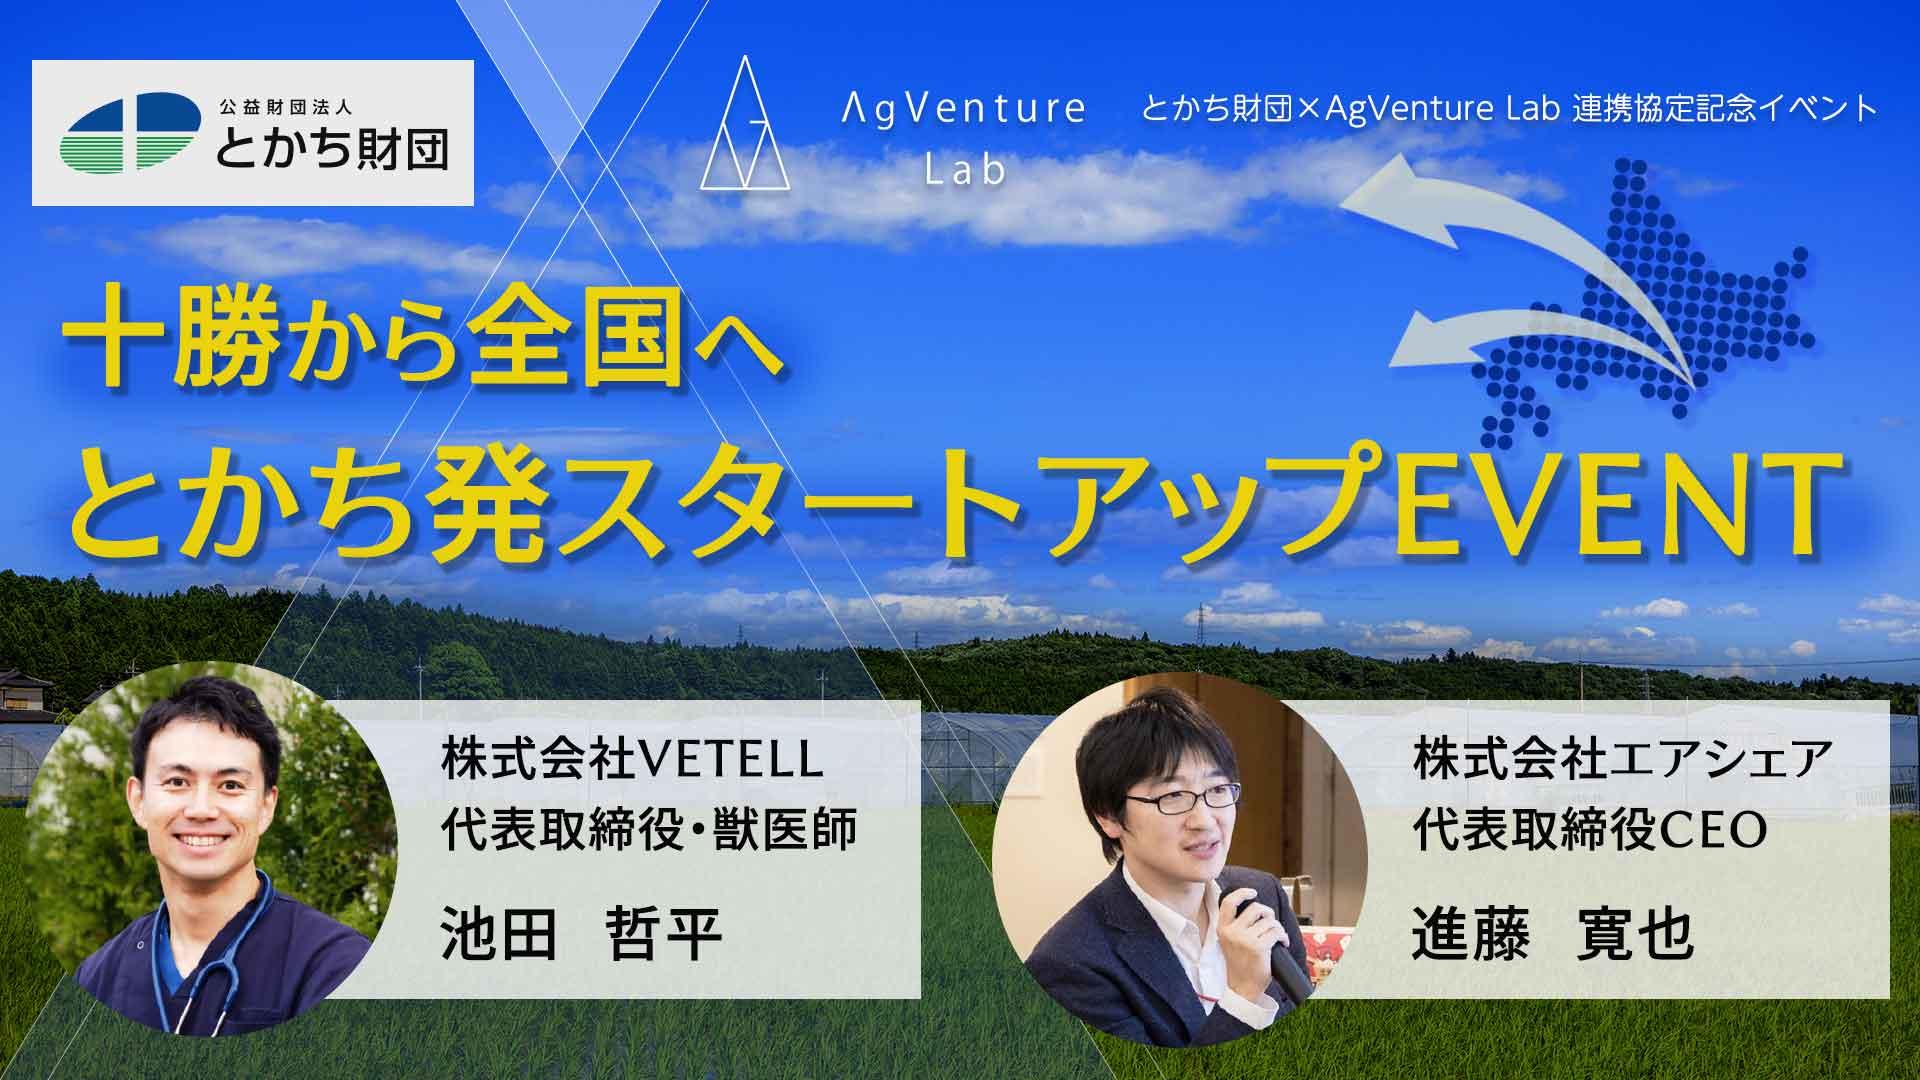 【J-Startup HOKKAIDO News】VETELL事業発表(ローンチ)のお知らせ